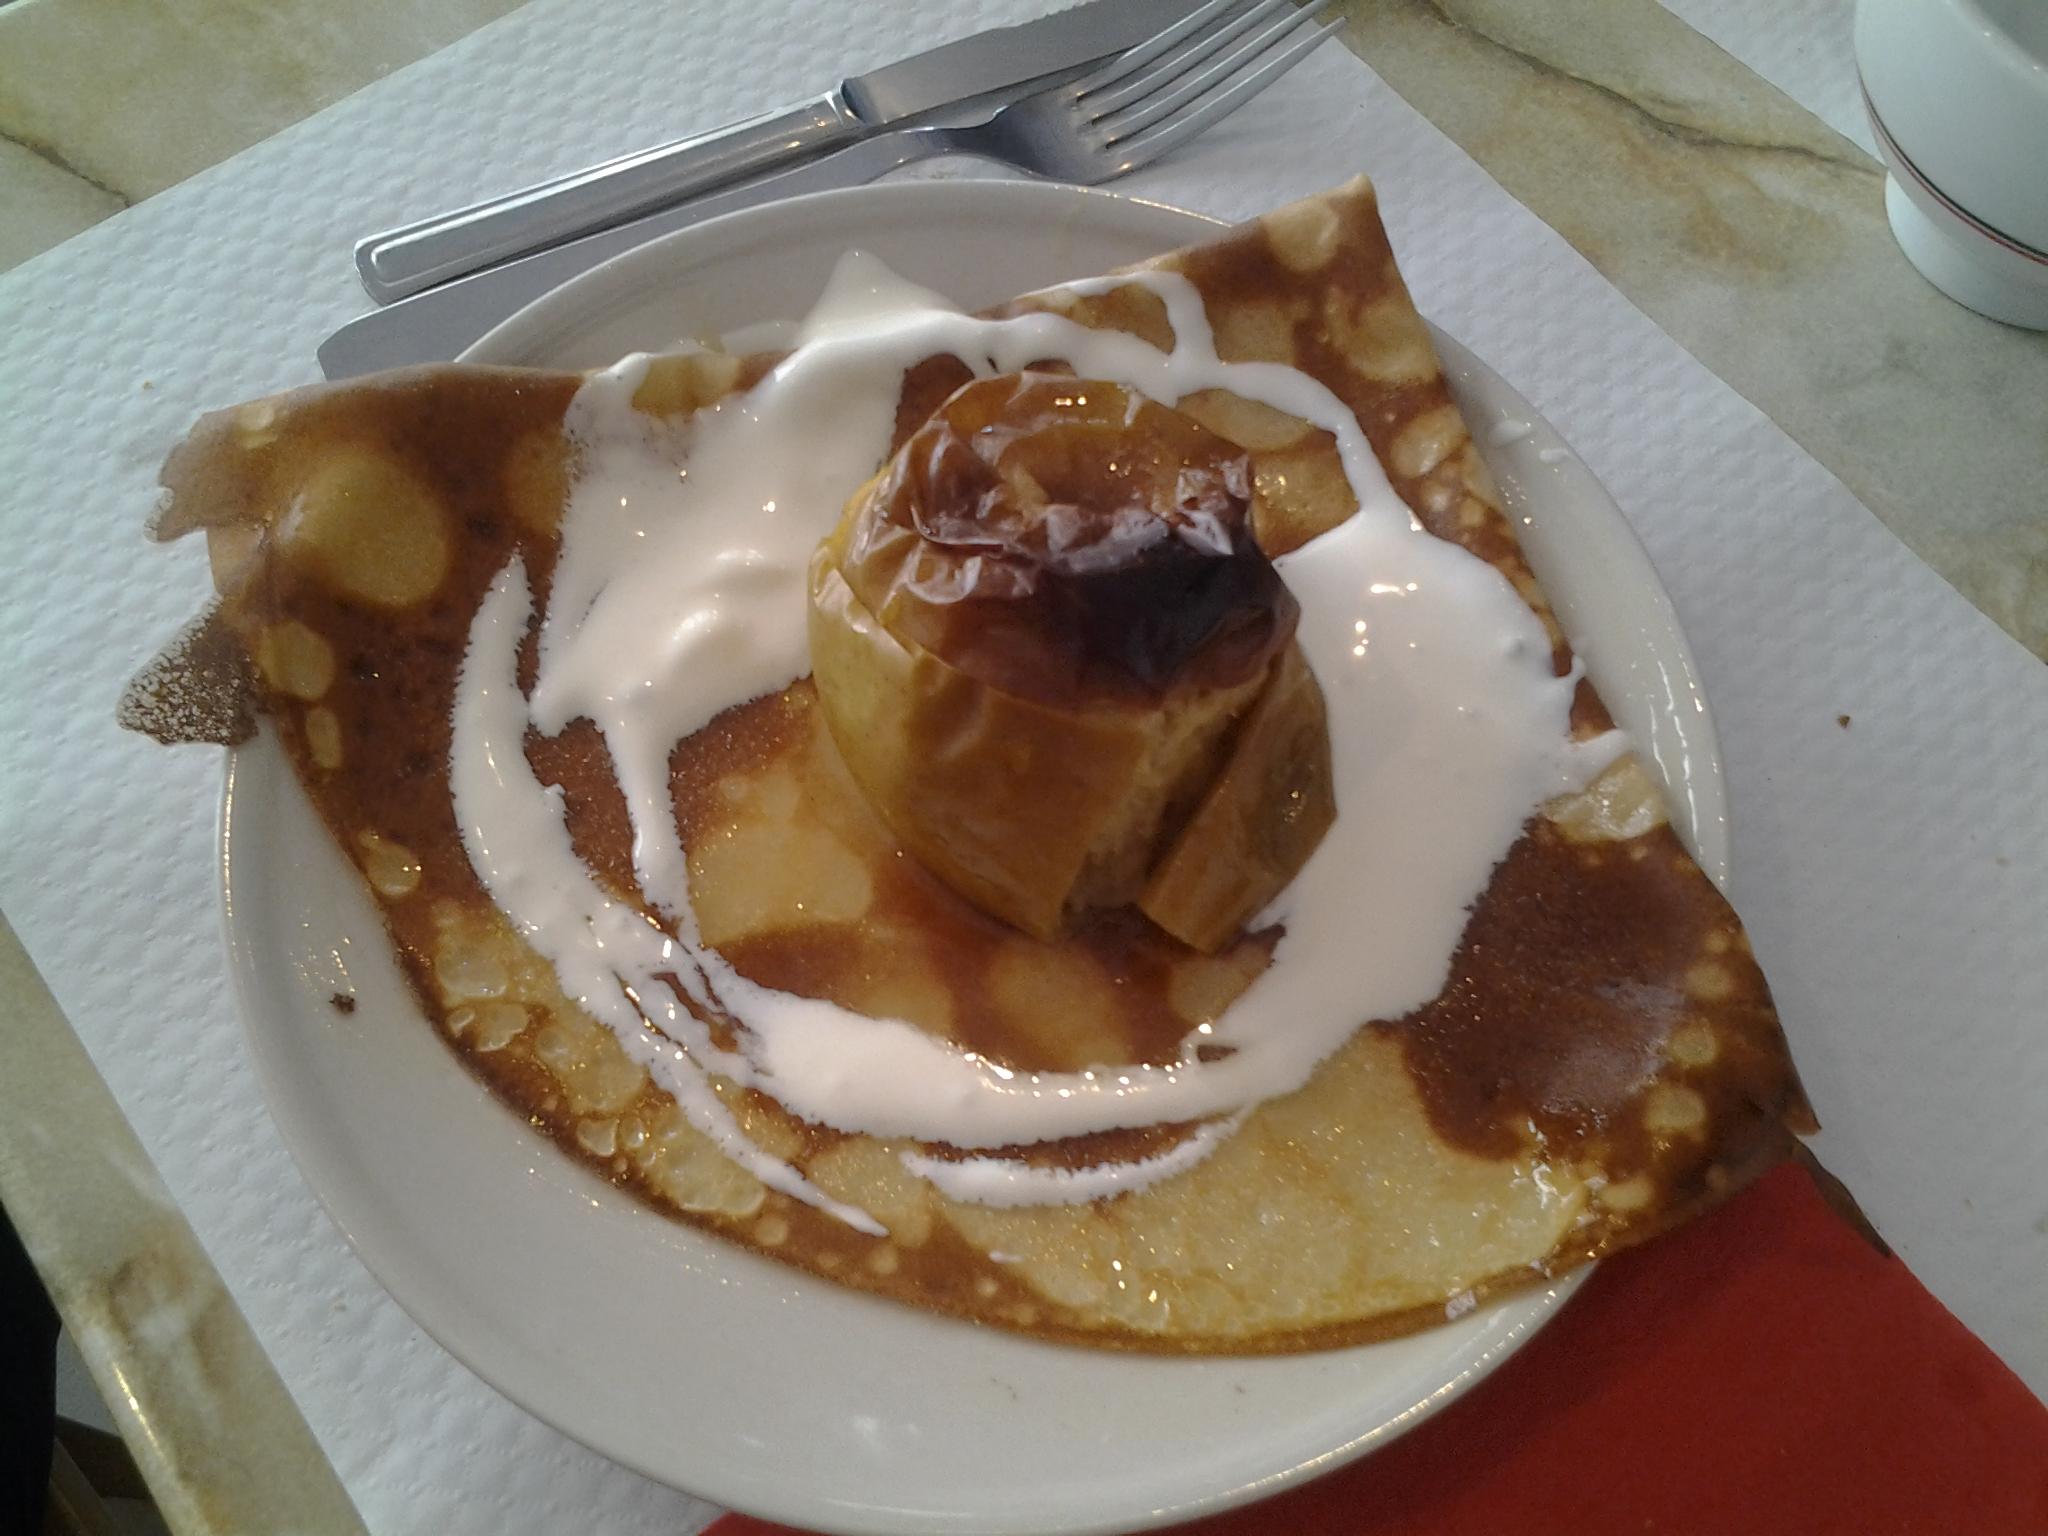 crêperie les embruns, Binic, pomme rotie sur crêpe